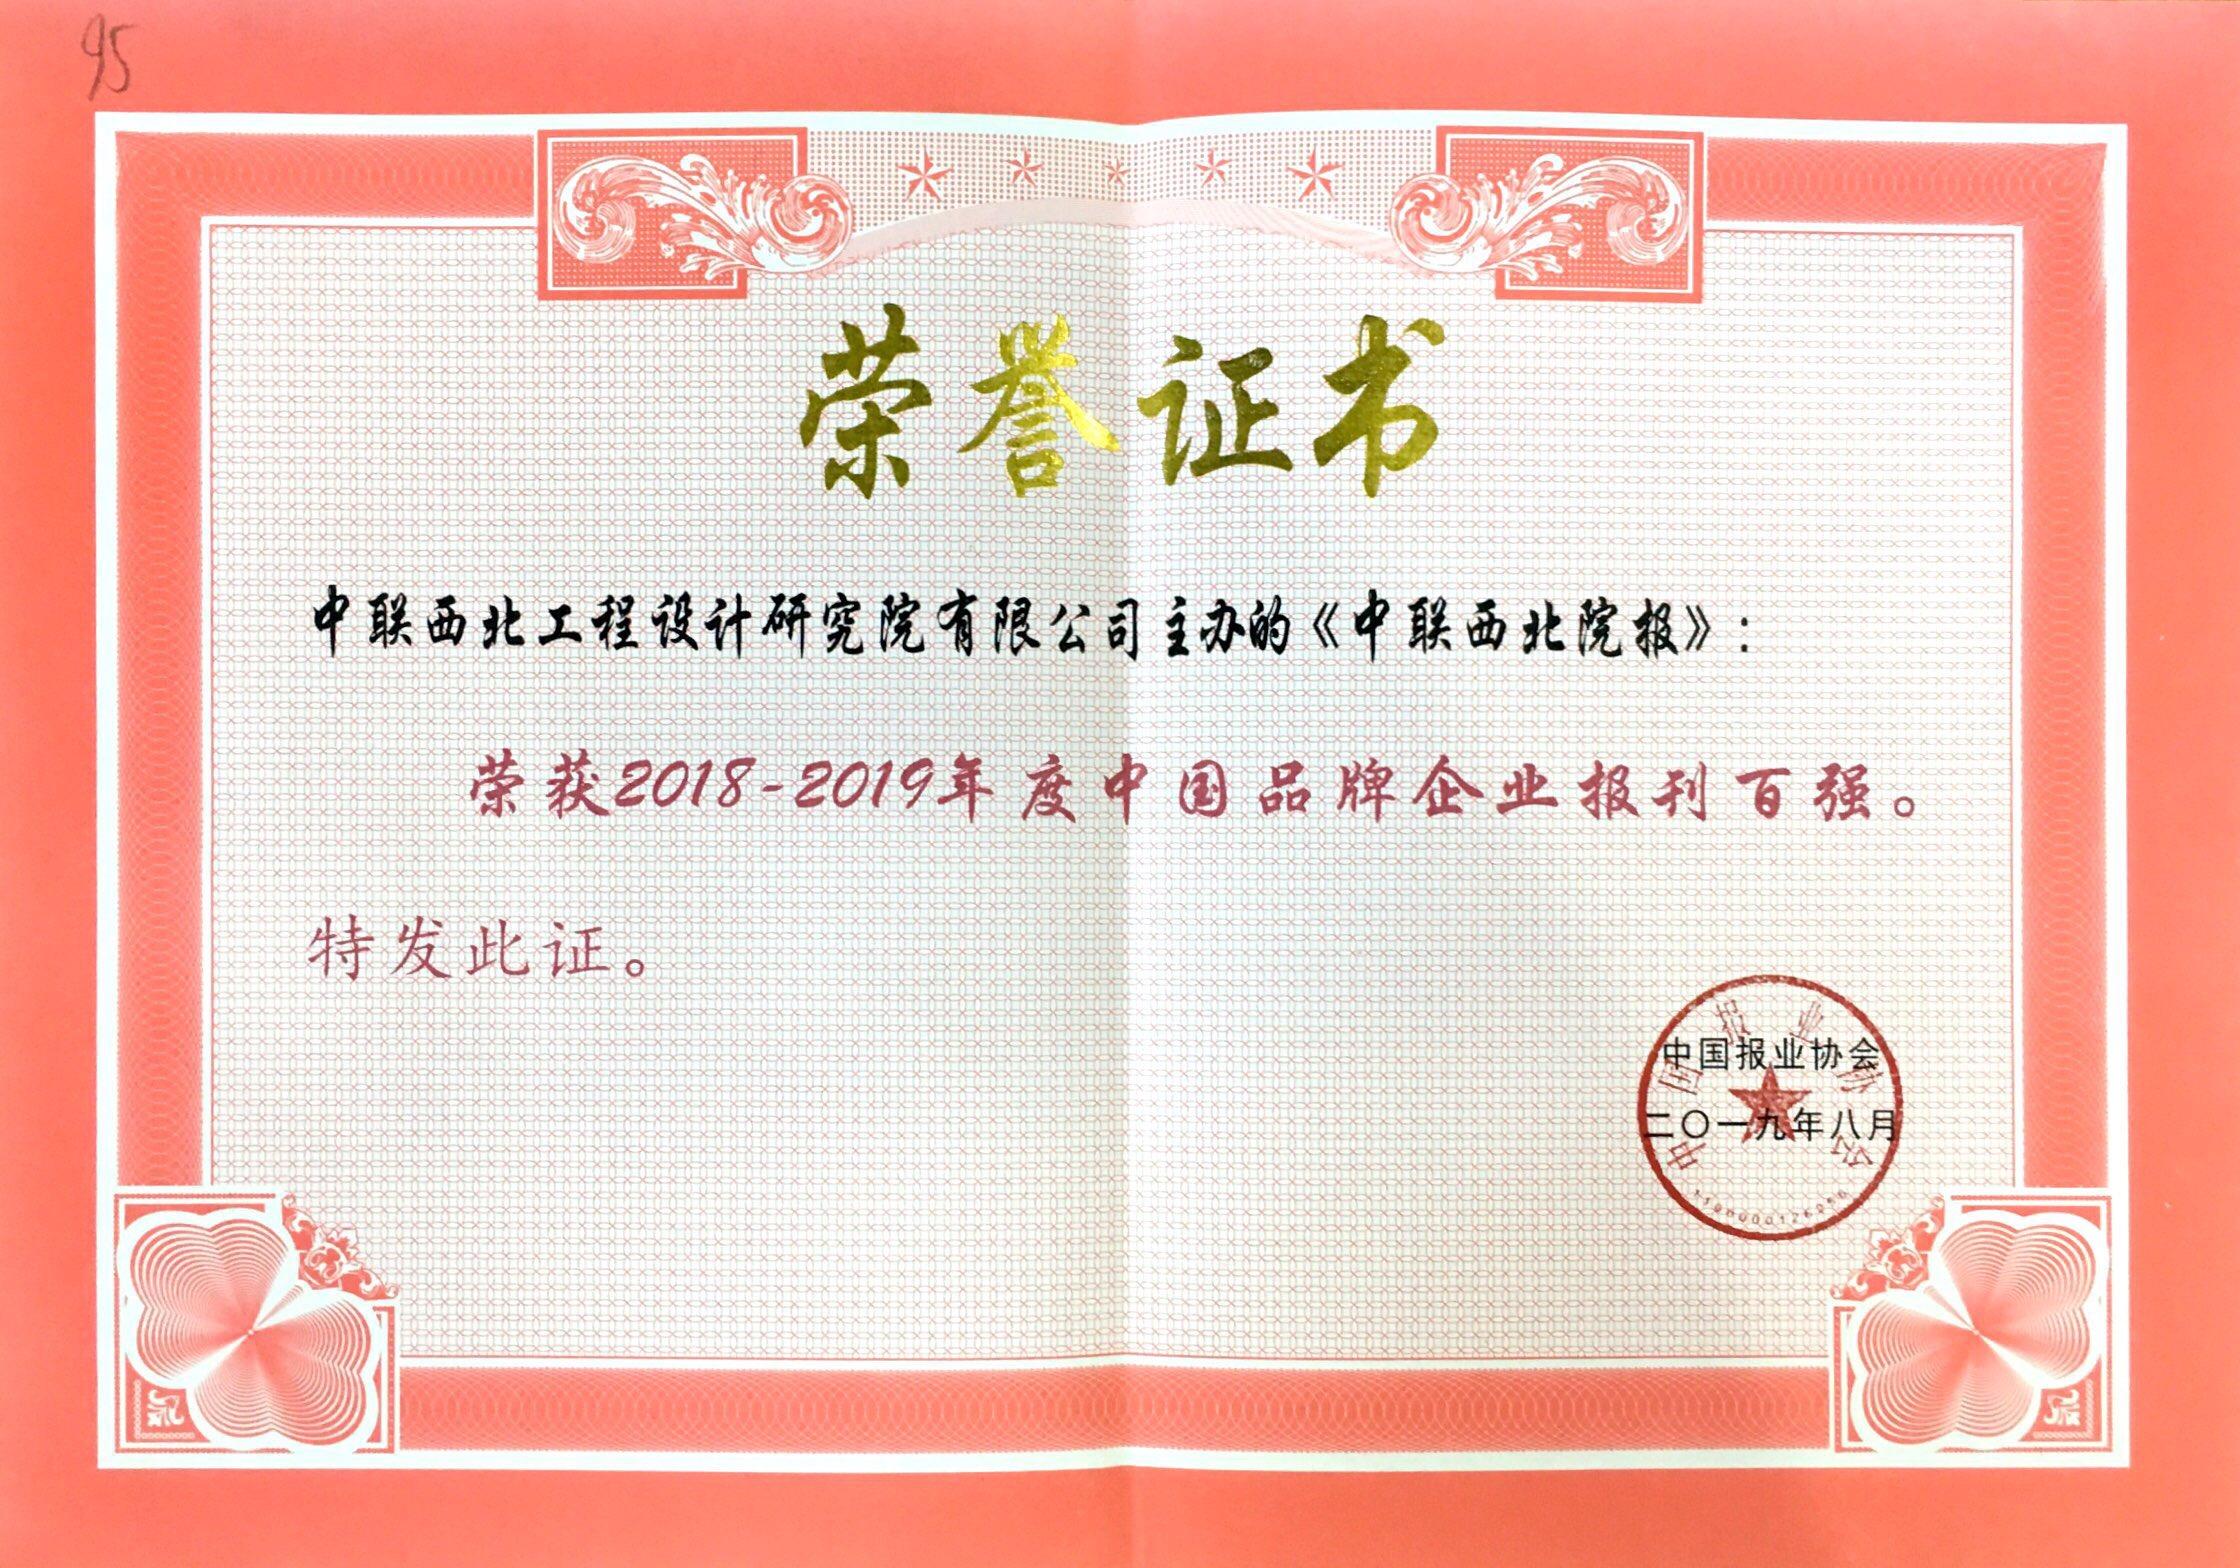 中国品牌企业报刊百强